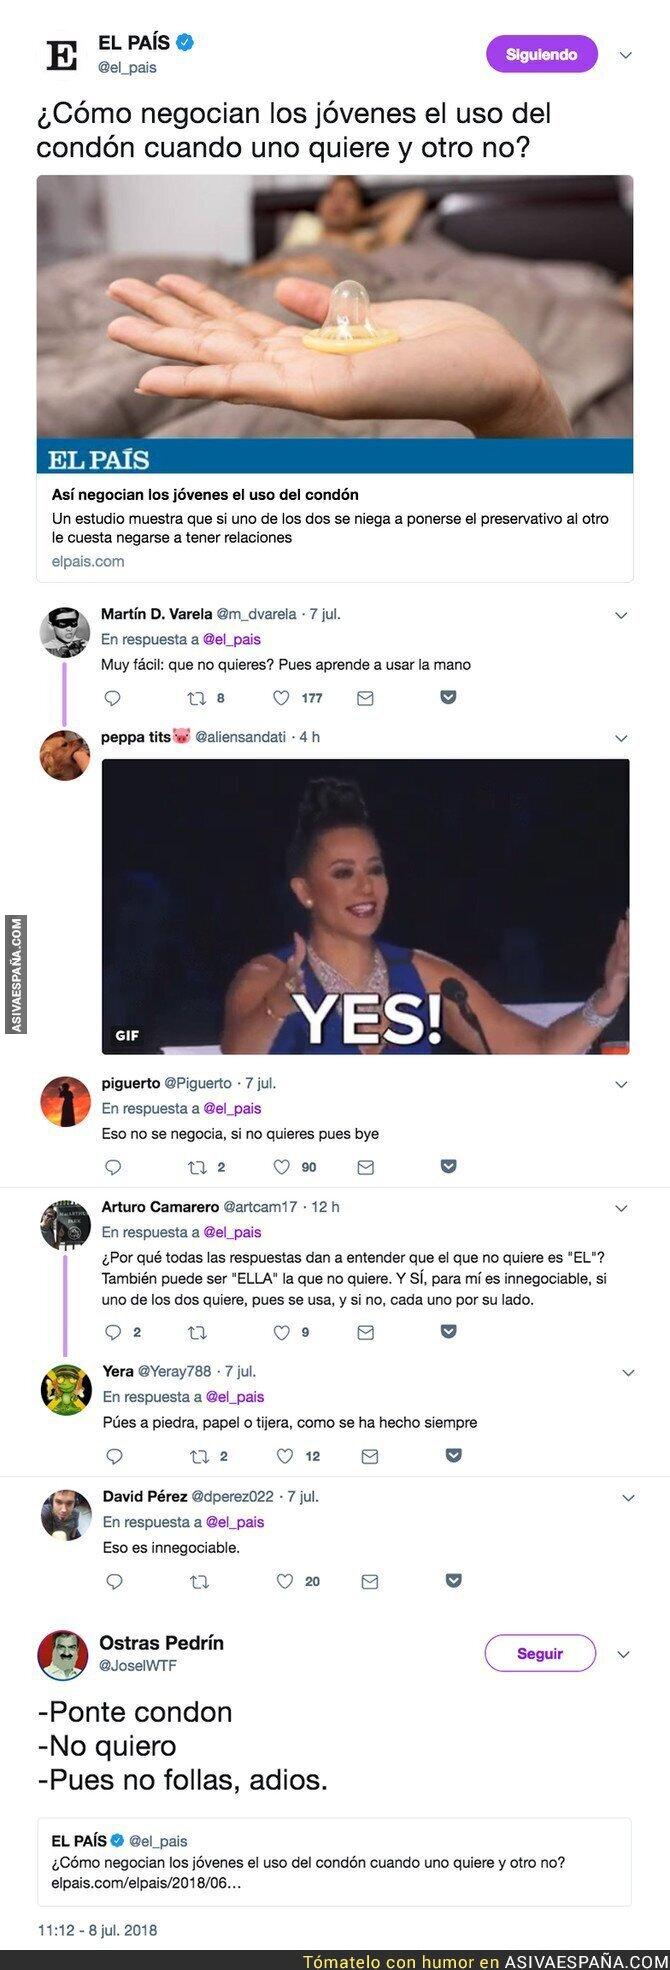 89374 - 'El País' se pregunta como se negocia el uso del preservativo y la respuesta es mayoritaria